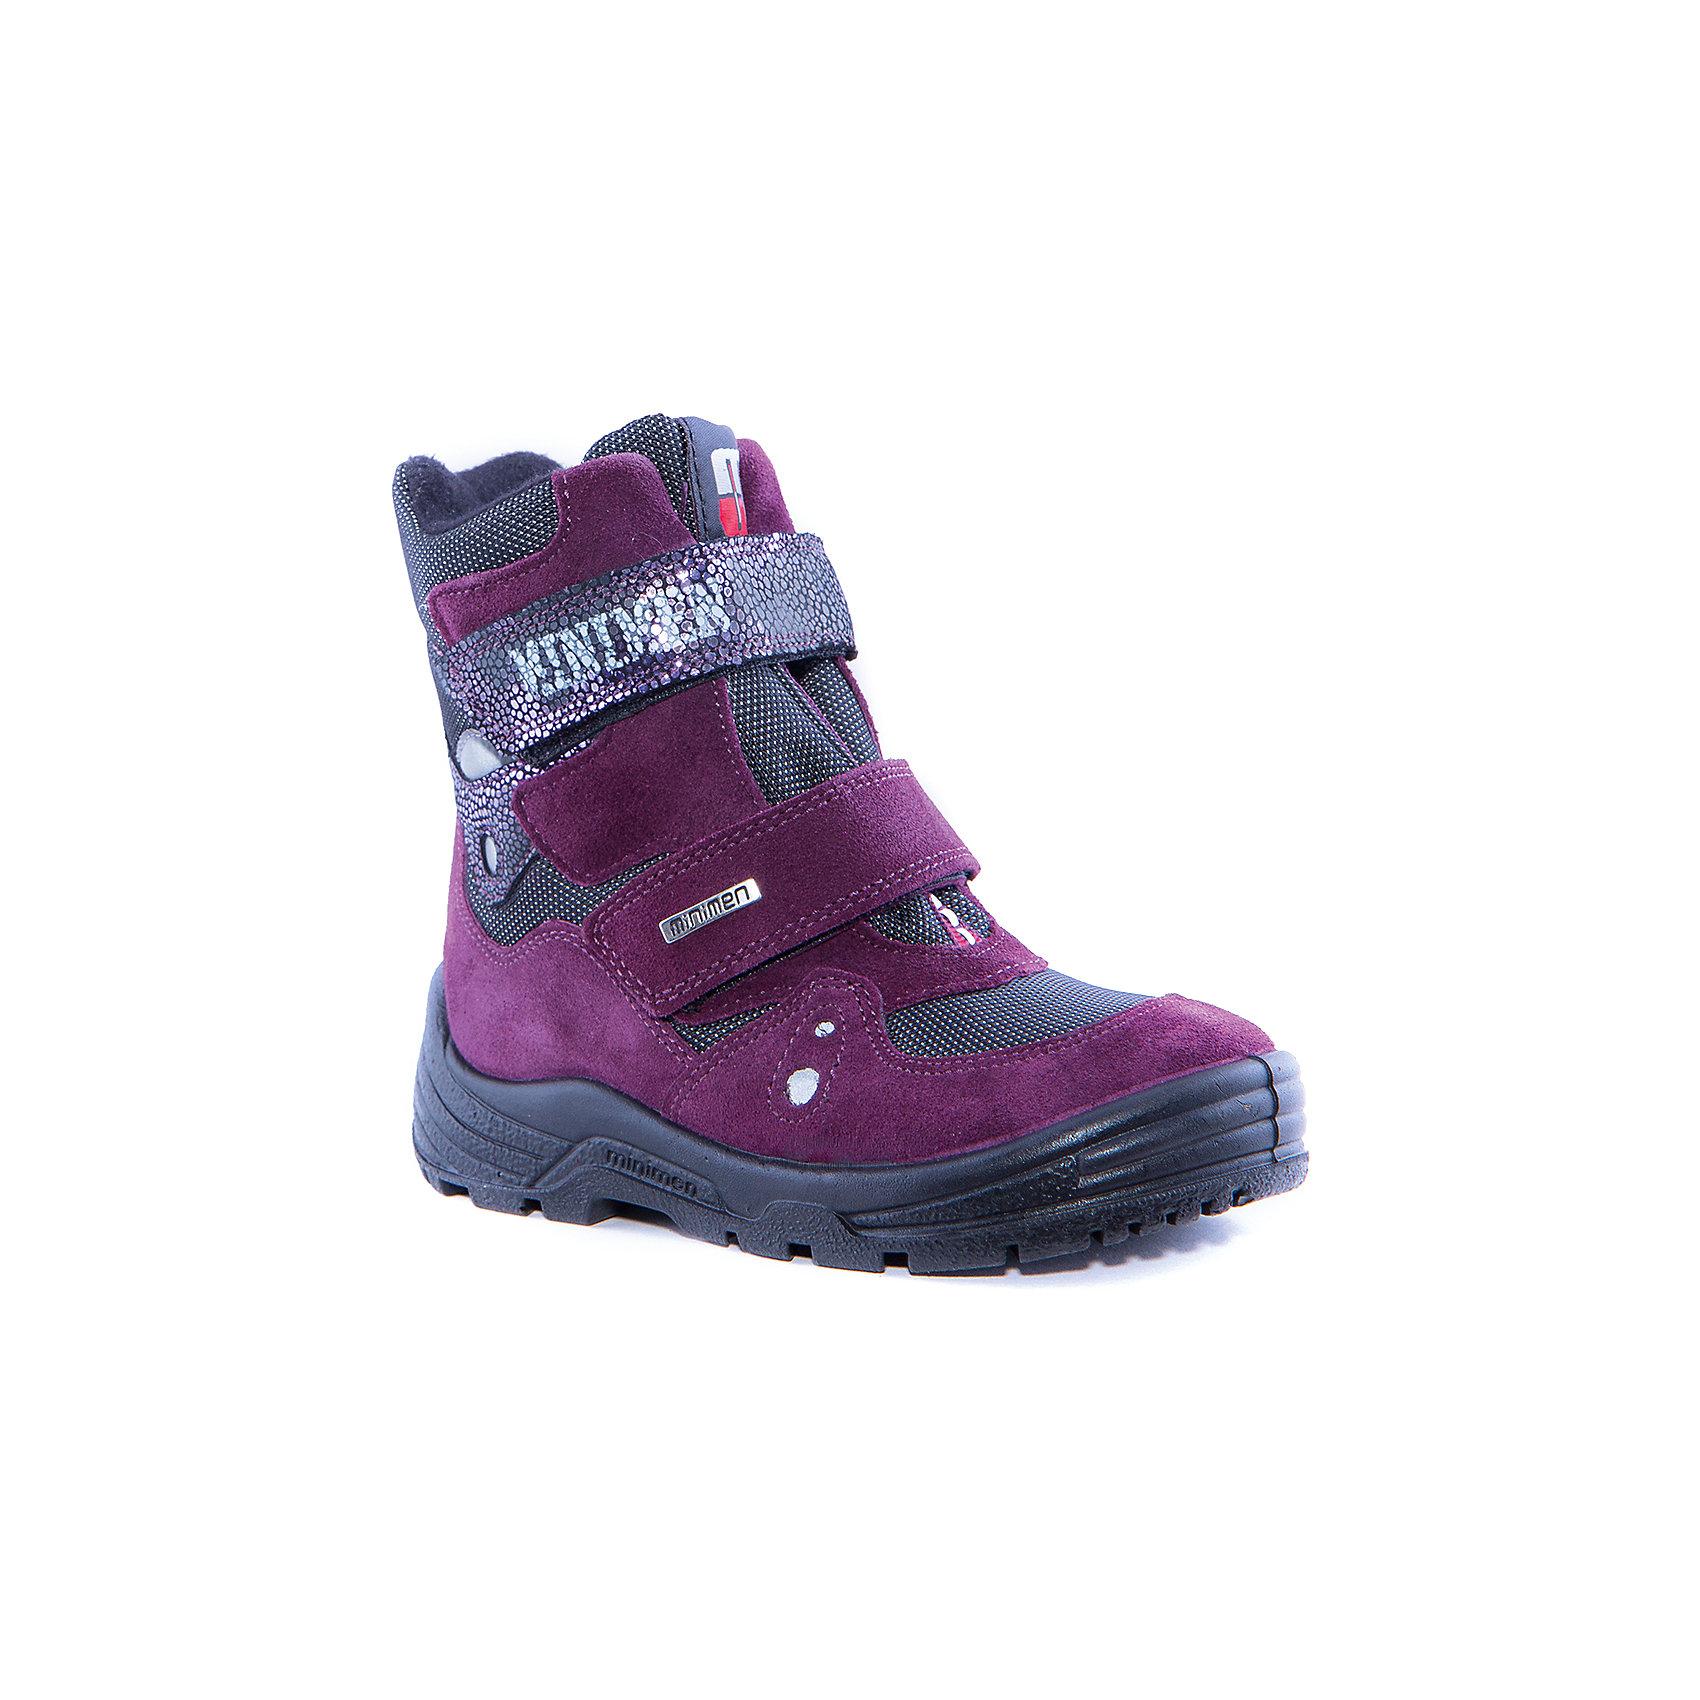 Ботинки для мальчика MinimenБотинки<br>Сапоги для девочки от известного бренда Minimen<br><br>Модные утепленные сапоги Minimen созданы для ношения в межсезонье и начинающиеся холода. Их форма тщательно проработана, поэтому детским ножкам в такой обуви тепло и комфортно. Качественные материалы позволяют сделать изделия износостойкими и удобными.<br><br>При создании этой модели использована мембрана SympaTex. Она добавляется в подкладку обуви и позволяют ногам оставаться сухими и теплыми. Мембрана активно отводит влагу наружу, и не дает жидкости проникать внутрь, а также  не создает препятствий для воздуха, обеспечивая комфортные условия для детских ножек.<br><br>Отличительные особенности модели:<br><br>- цвет: фиолетовый;<br>- мембрана SympaTex;<br>- гибкая нескользящая подошва;<br>- усиленный носок и задник;<br>- эргономичная форма;<br>- удобная колодка;<br>- шерстяная подкладка;<br>- натуральная кожа;<br>- застежки-липучки.<br><br>Дополнительная информация:<br><br>- Температурный режим: от - 20° С  до +5° С.<br><br>- Состав:<br><br>материал верха: 100% натуральная кожа<br>материал подкладки: 100% шерсть<br>подошва: ТЭП<br><br>Сапоги для девочки Minimen (Минимен) можно купить в нашем магазине.<br><br>Ширина мм: 257<br>Глубина мм: 180<br>Высота мм: 130<br>Вес г: 420<br>Цвет: фиолетовый<br>Возраст от месяцев: 24<br>Возраст до месяцев: 36<br>Пол: Женский<br>Возраст: Детский<br>Размер: 26,28,22,23,24,29,25,21,27<br>SKU: 4295594